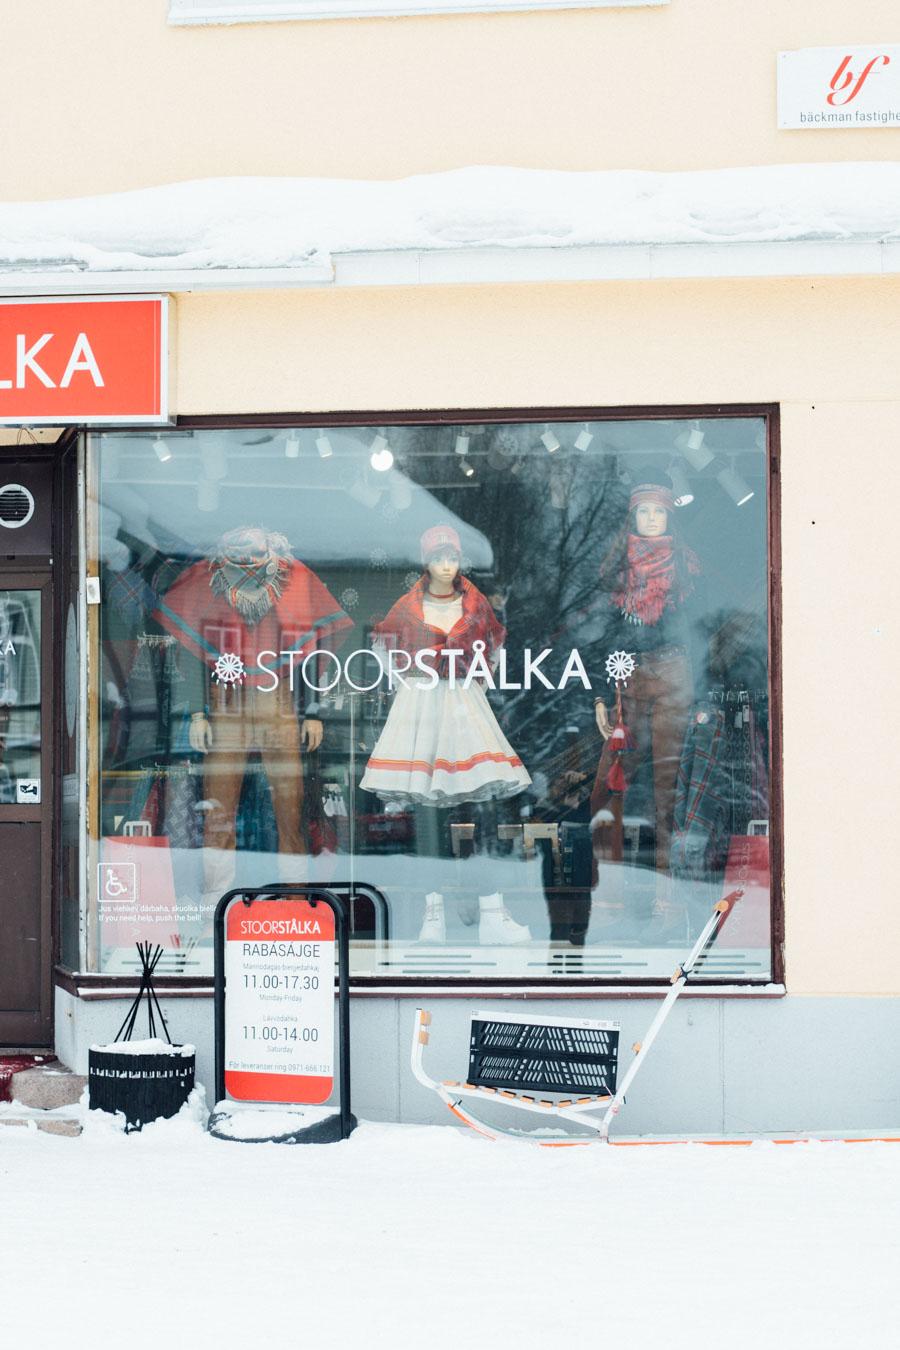 Stoor Stalka Jokkmokk